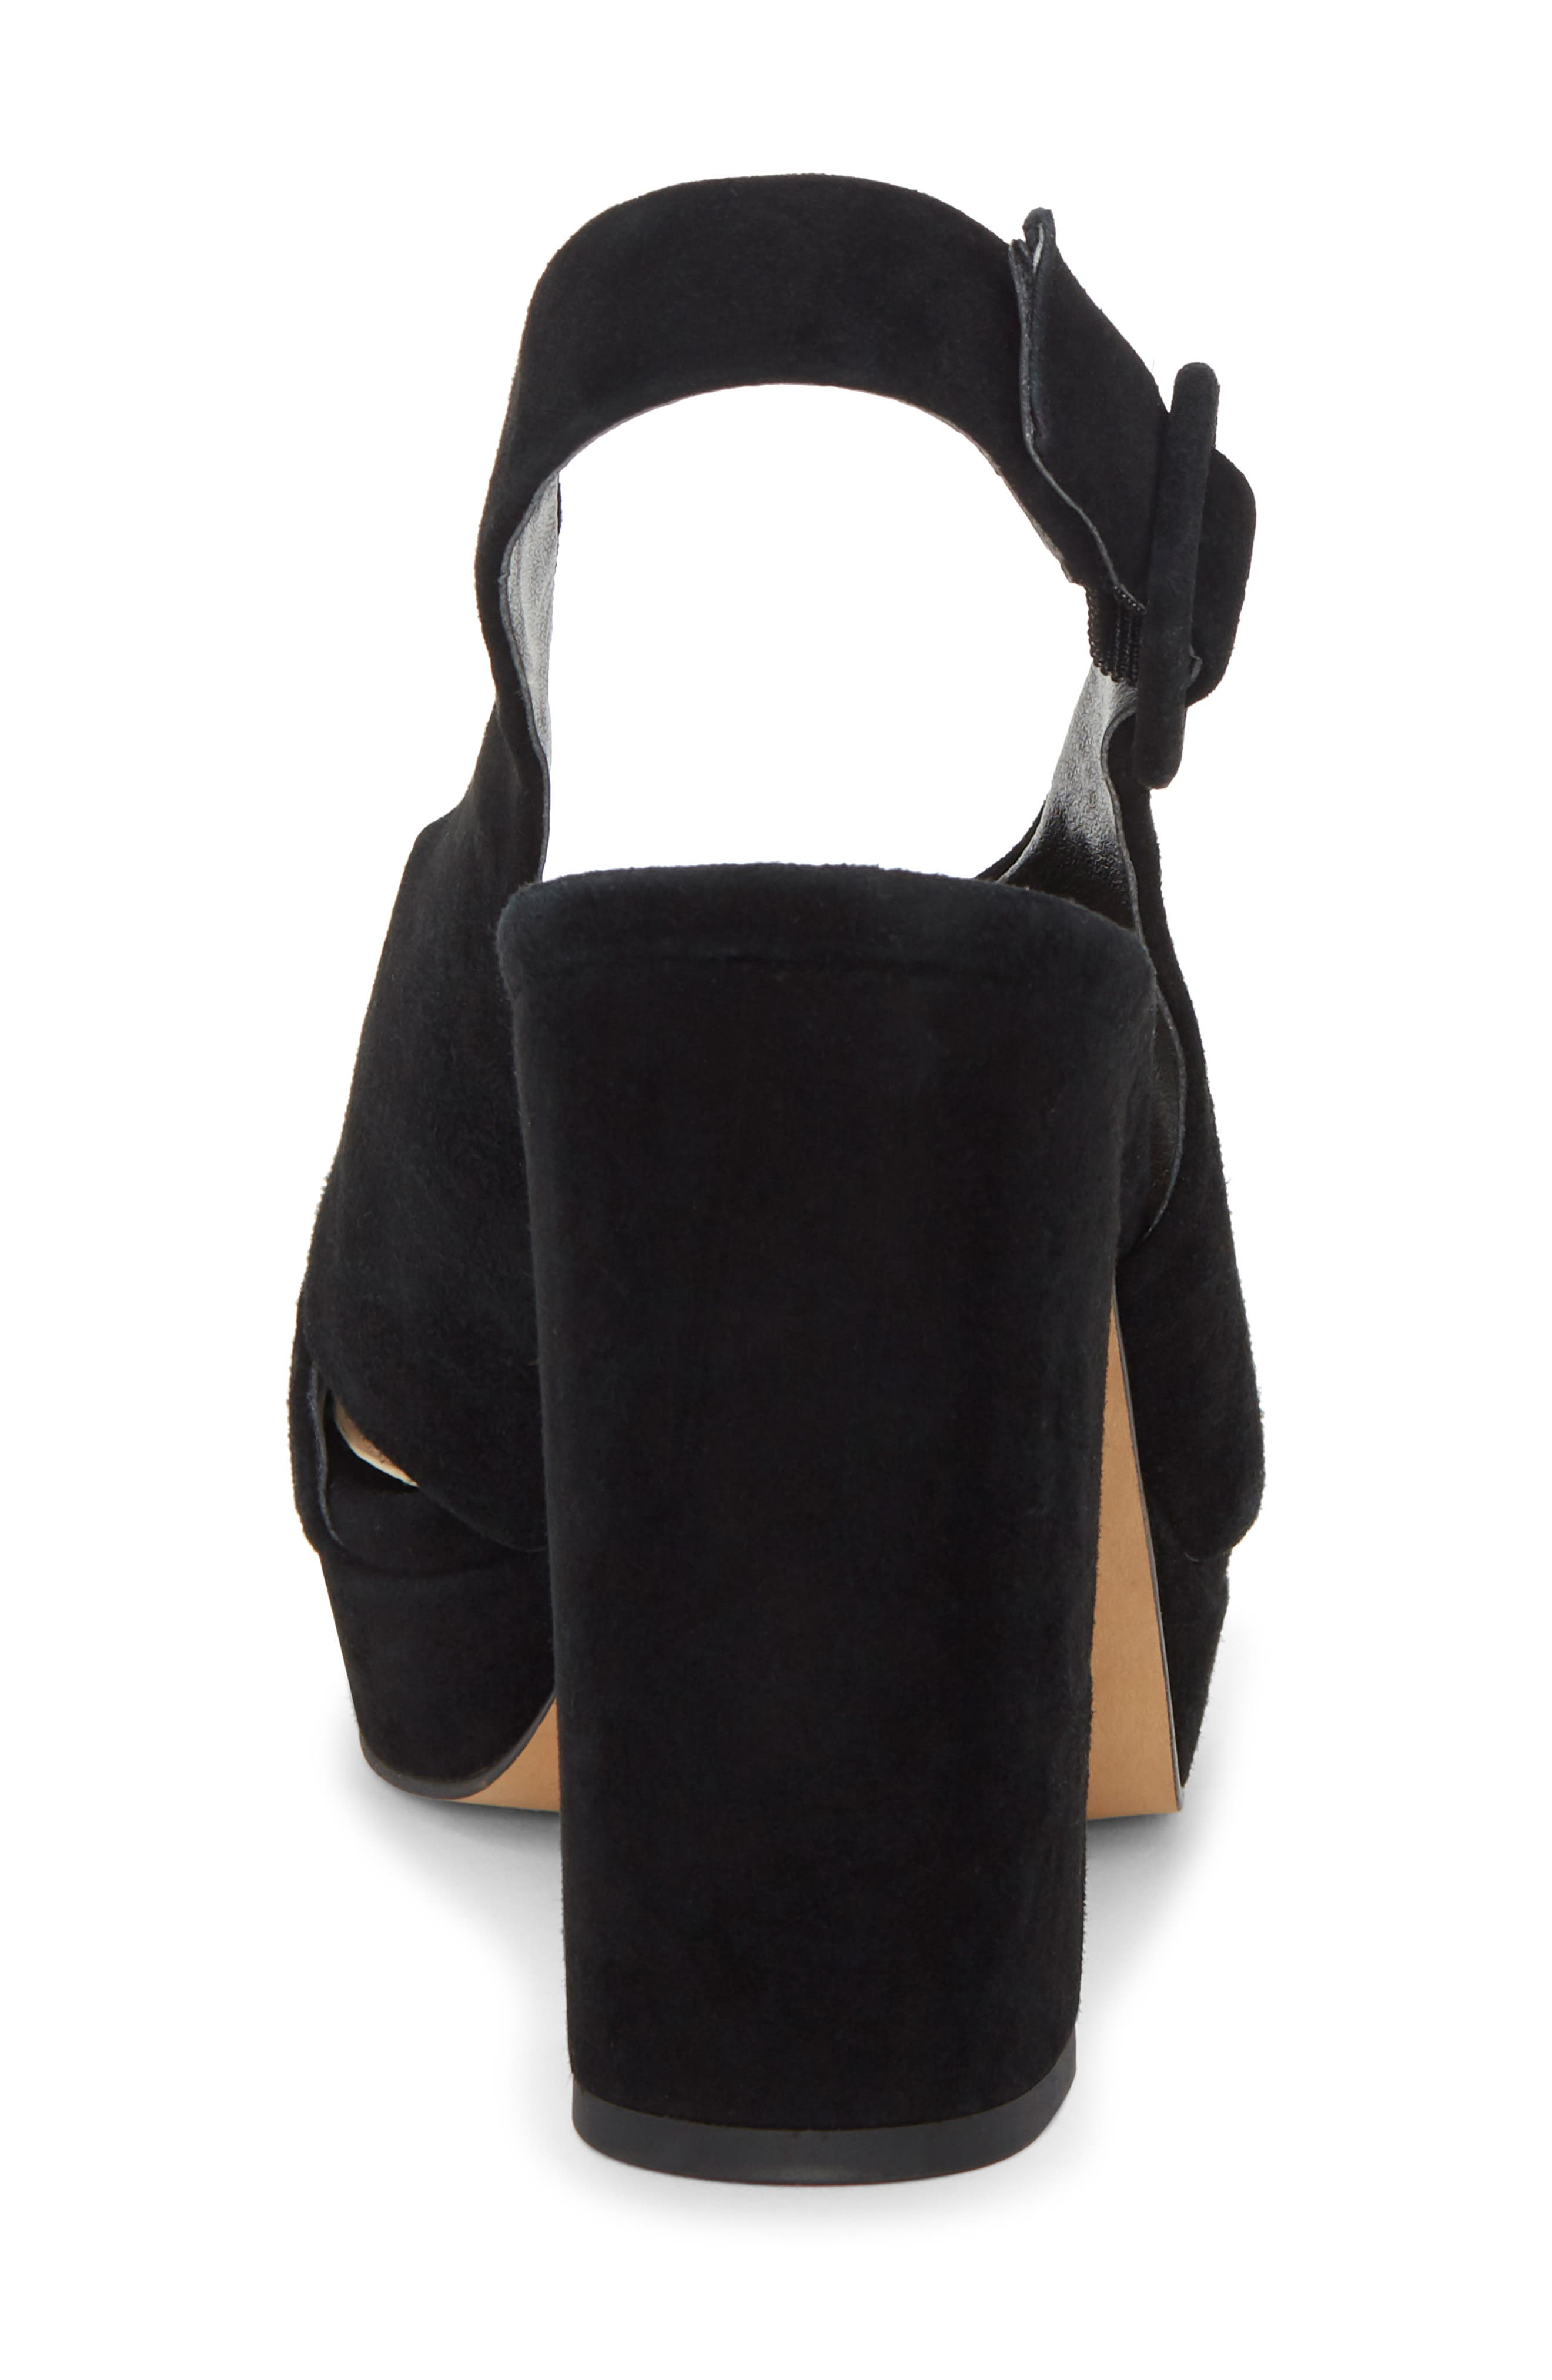 VINCE CAMUTO, Slingback Platform Sandal, Alternate thumbnail 7, color, BLACK 01 SUEDE